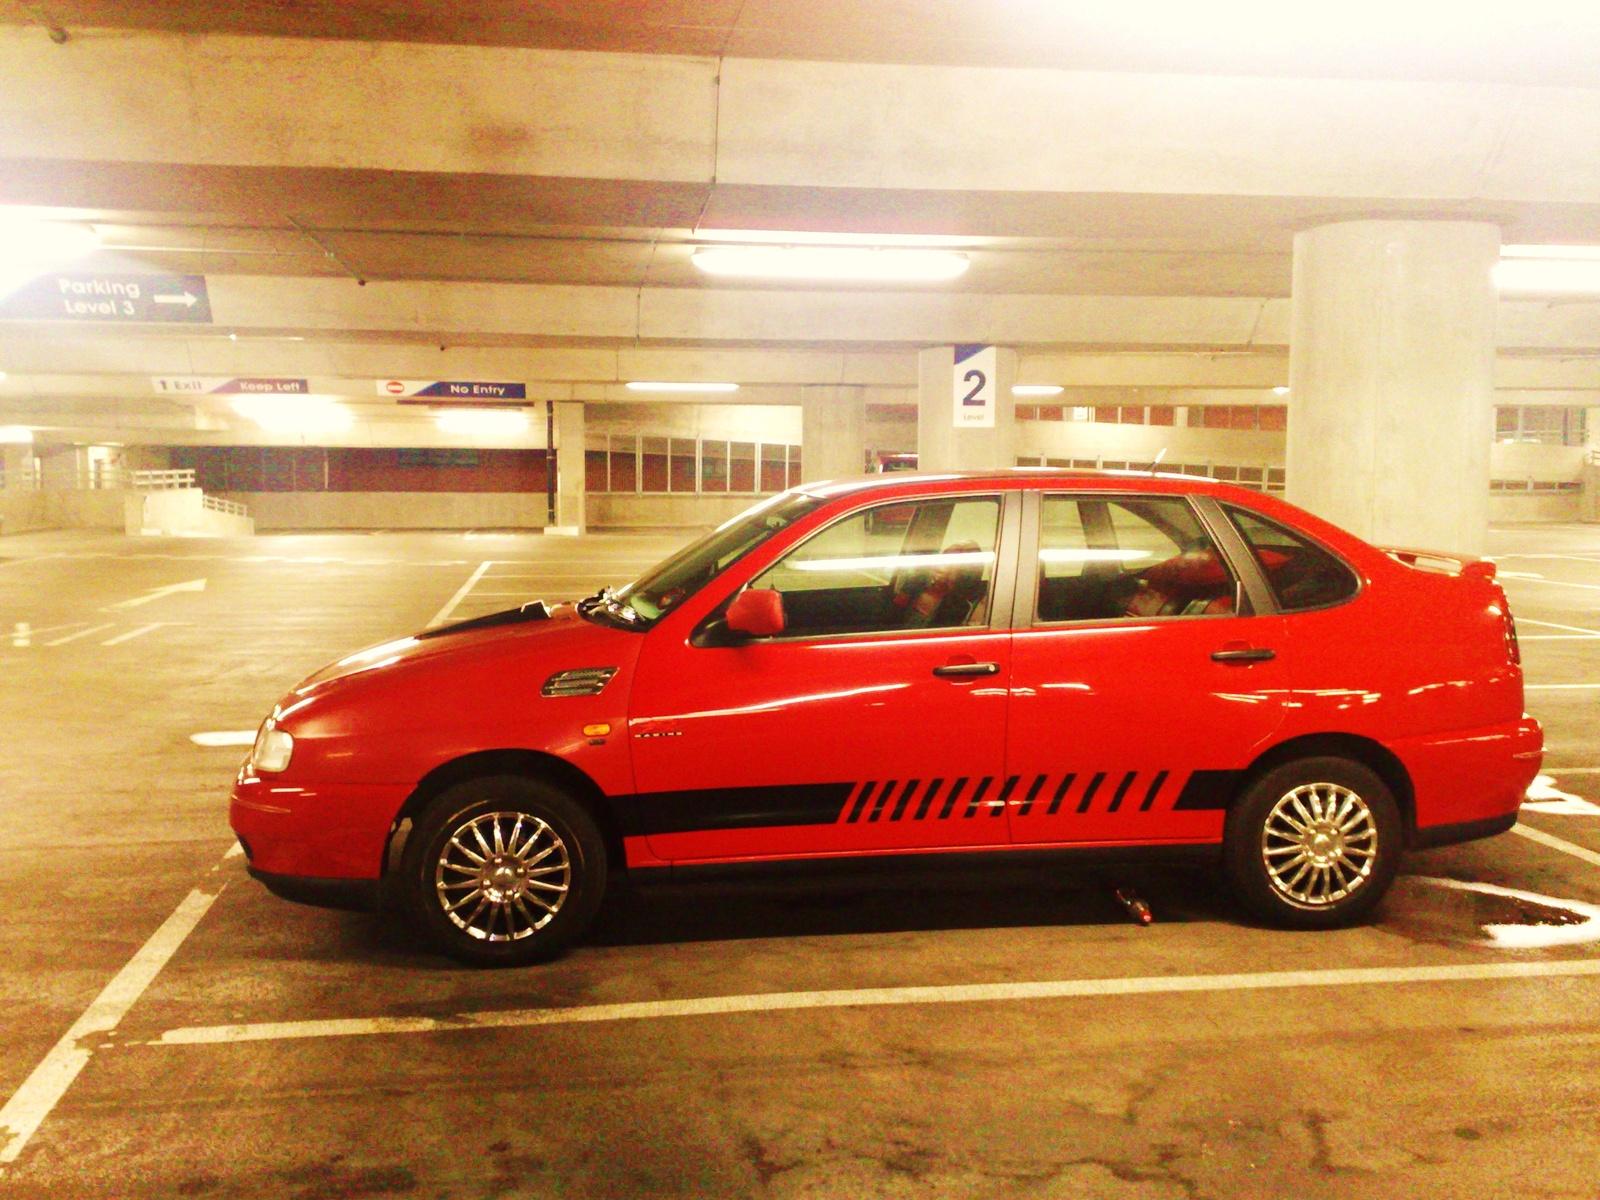 1997 Seat Cordoba picture